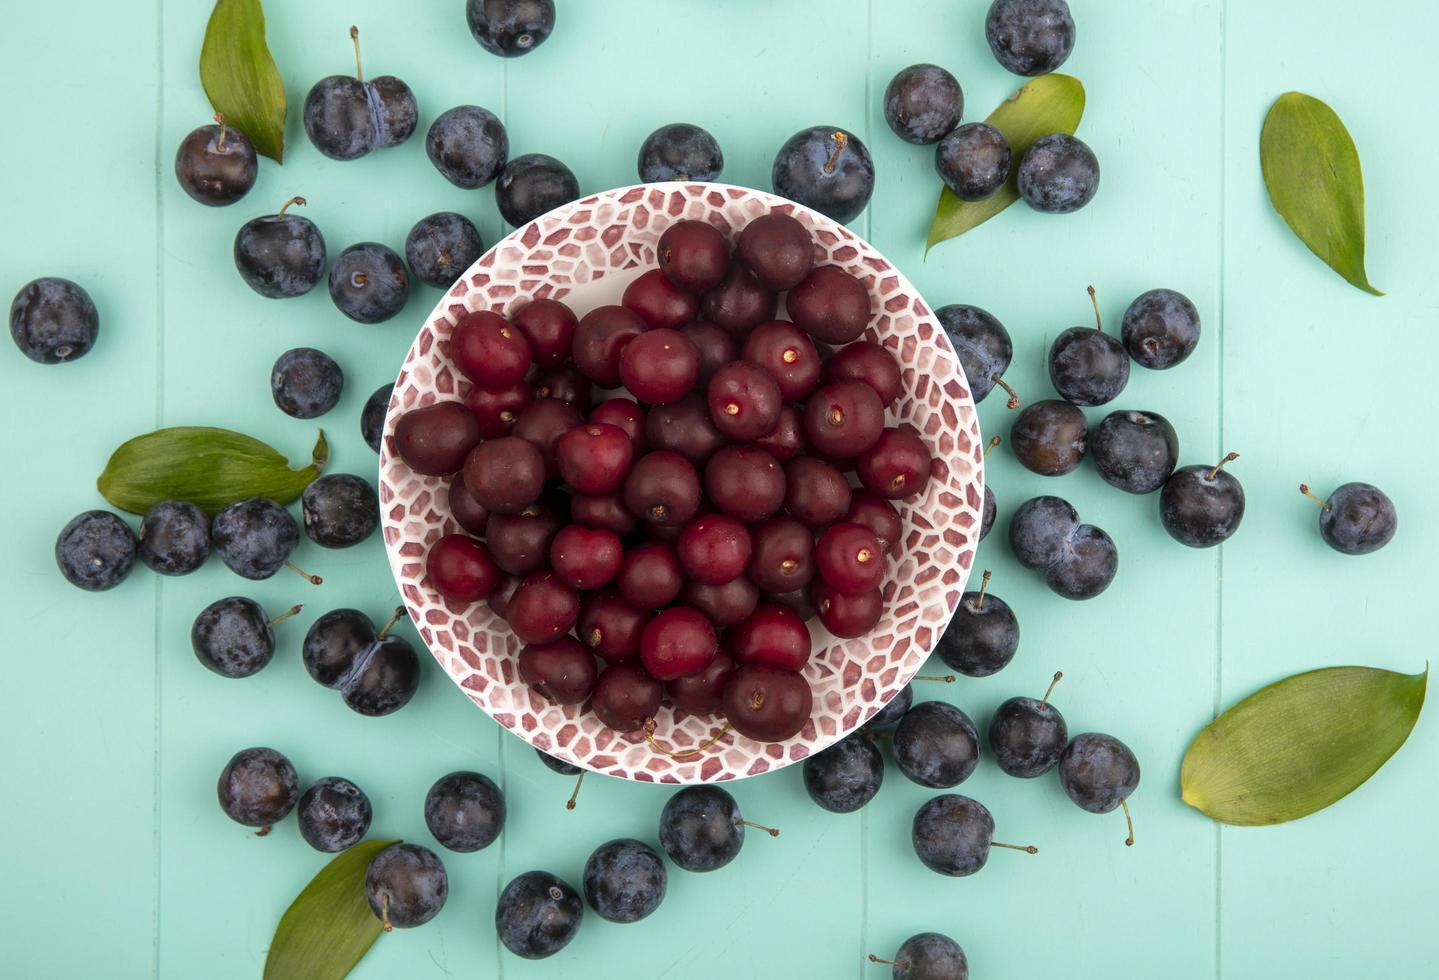 Fotografía de alimentos laicos plana de deliciosas cerezas rojas sobre fondo azul. foto